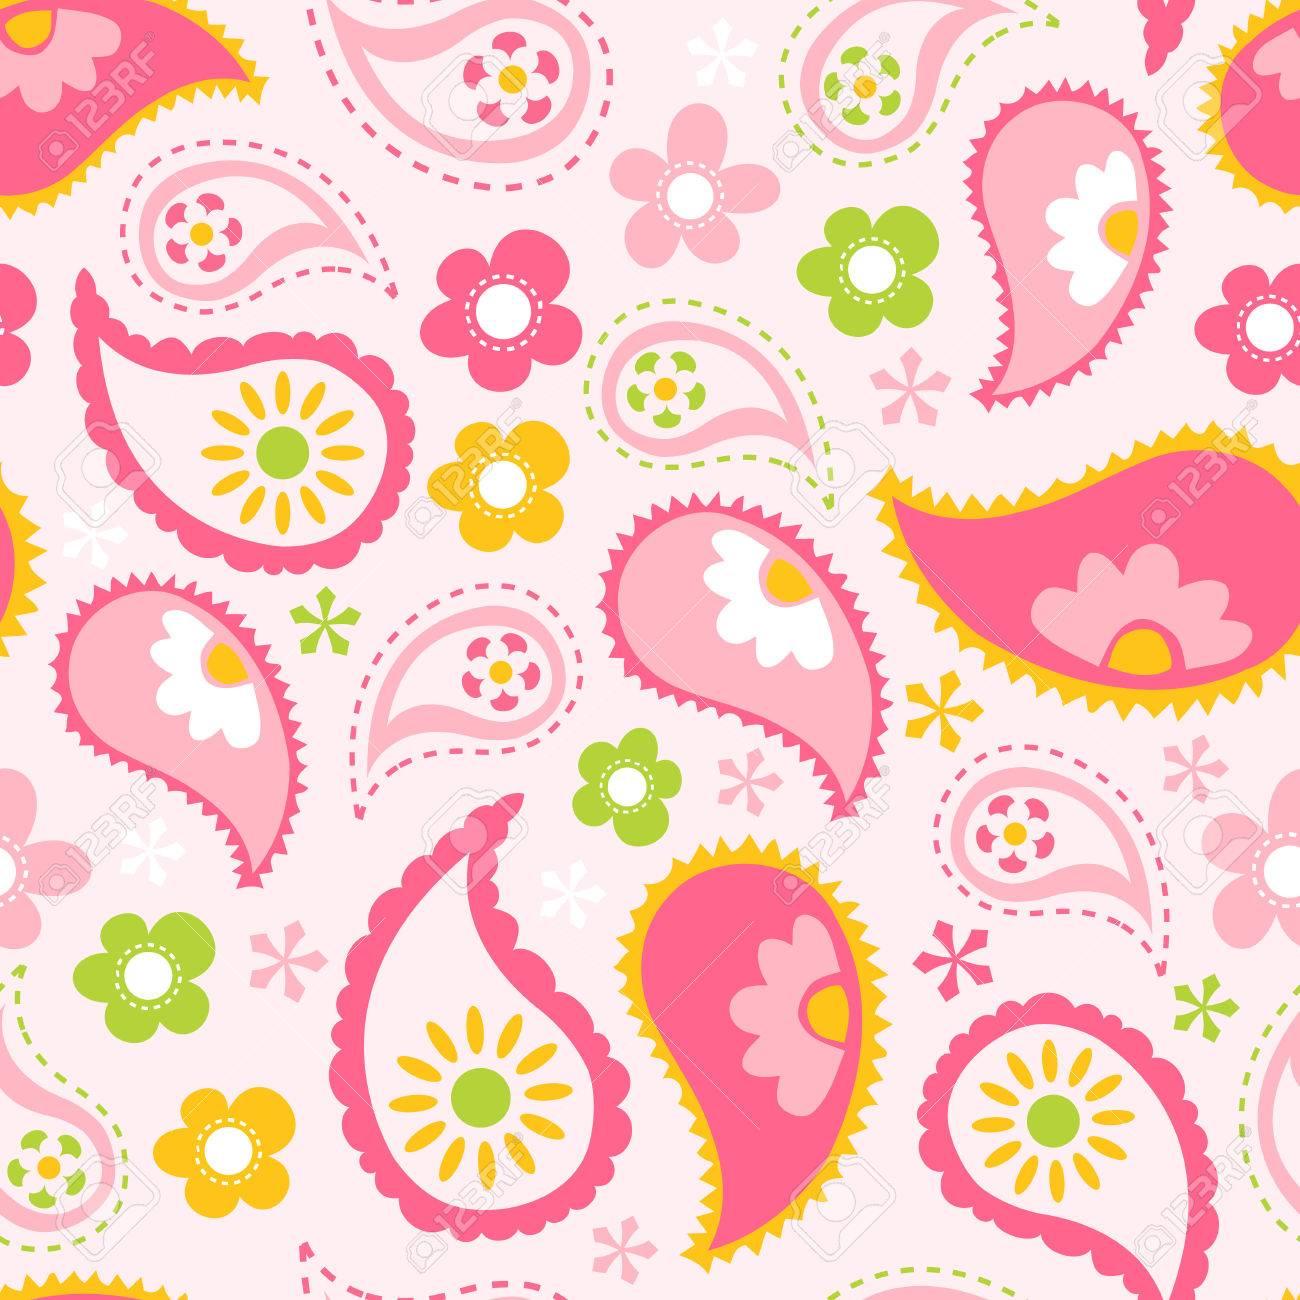 ピンク春ペイズリーのシームレスなパターン背景のベクトル イラスト